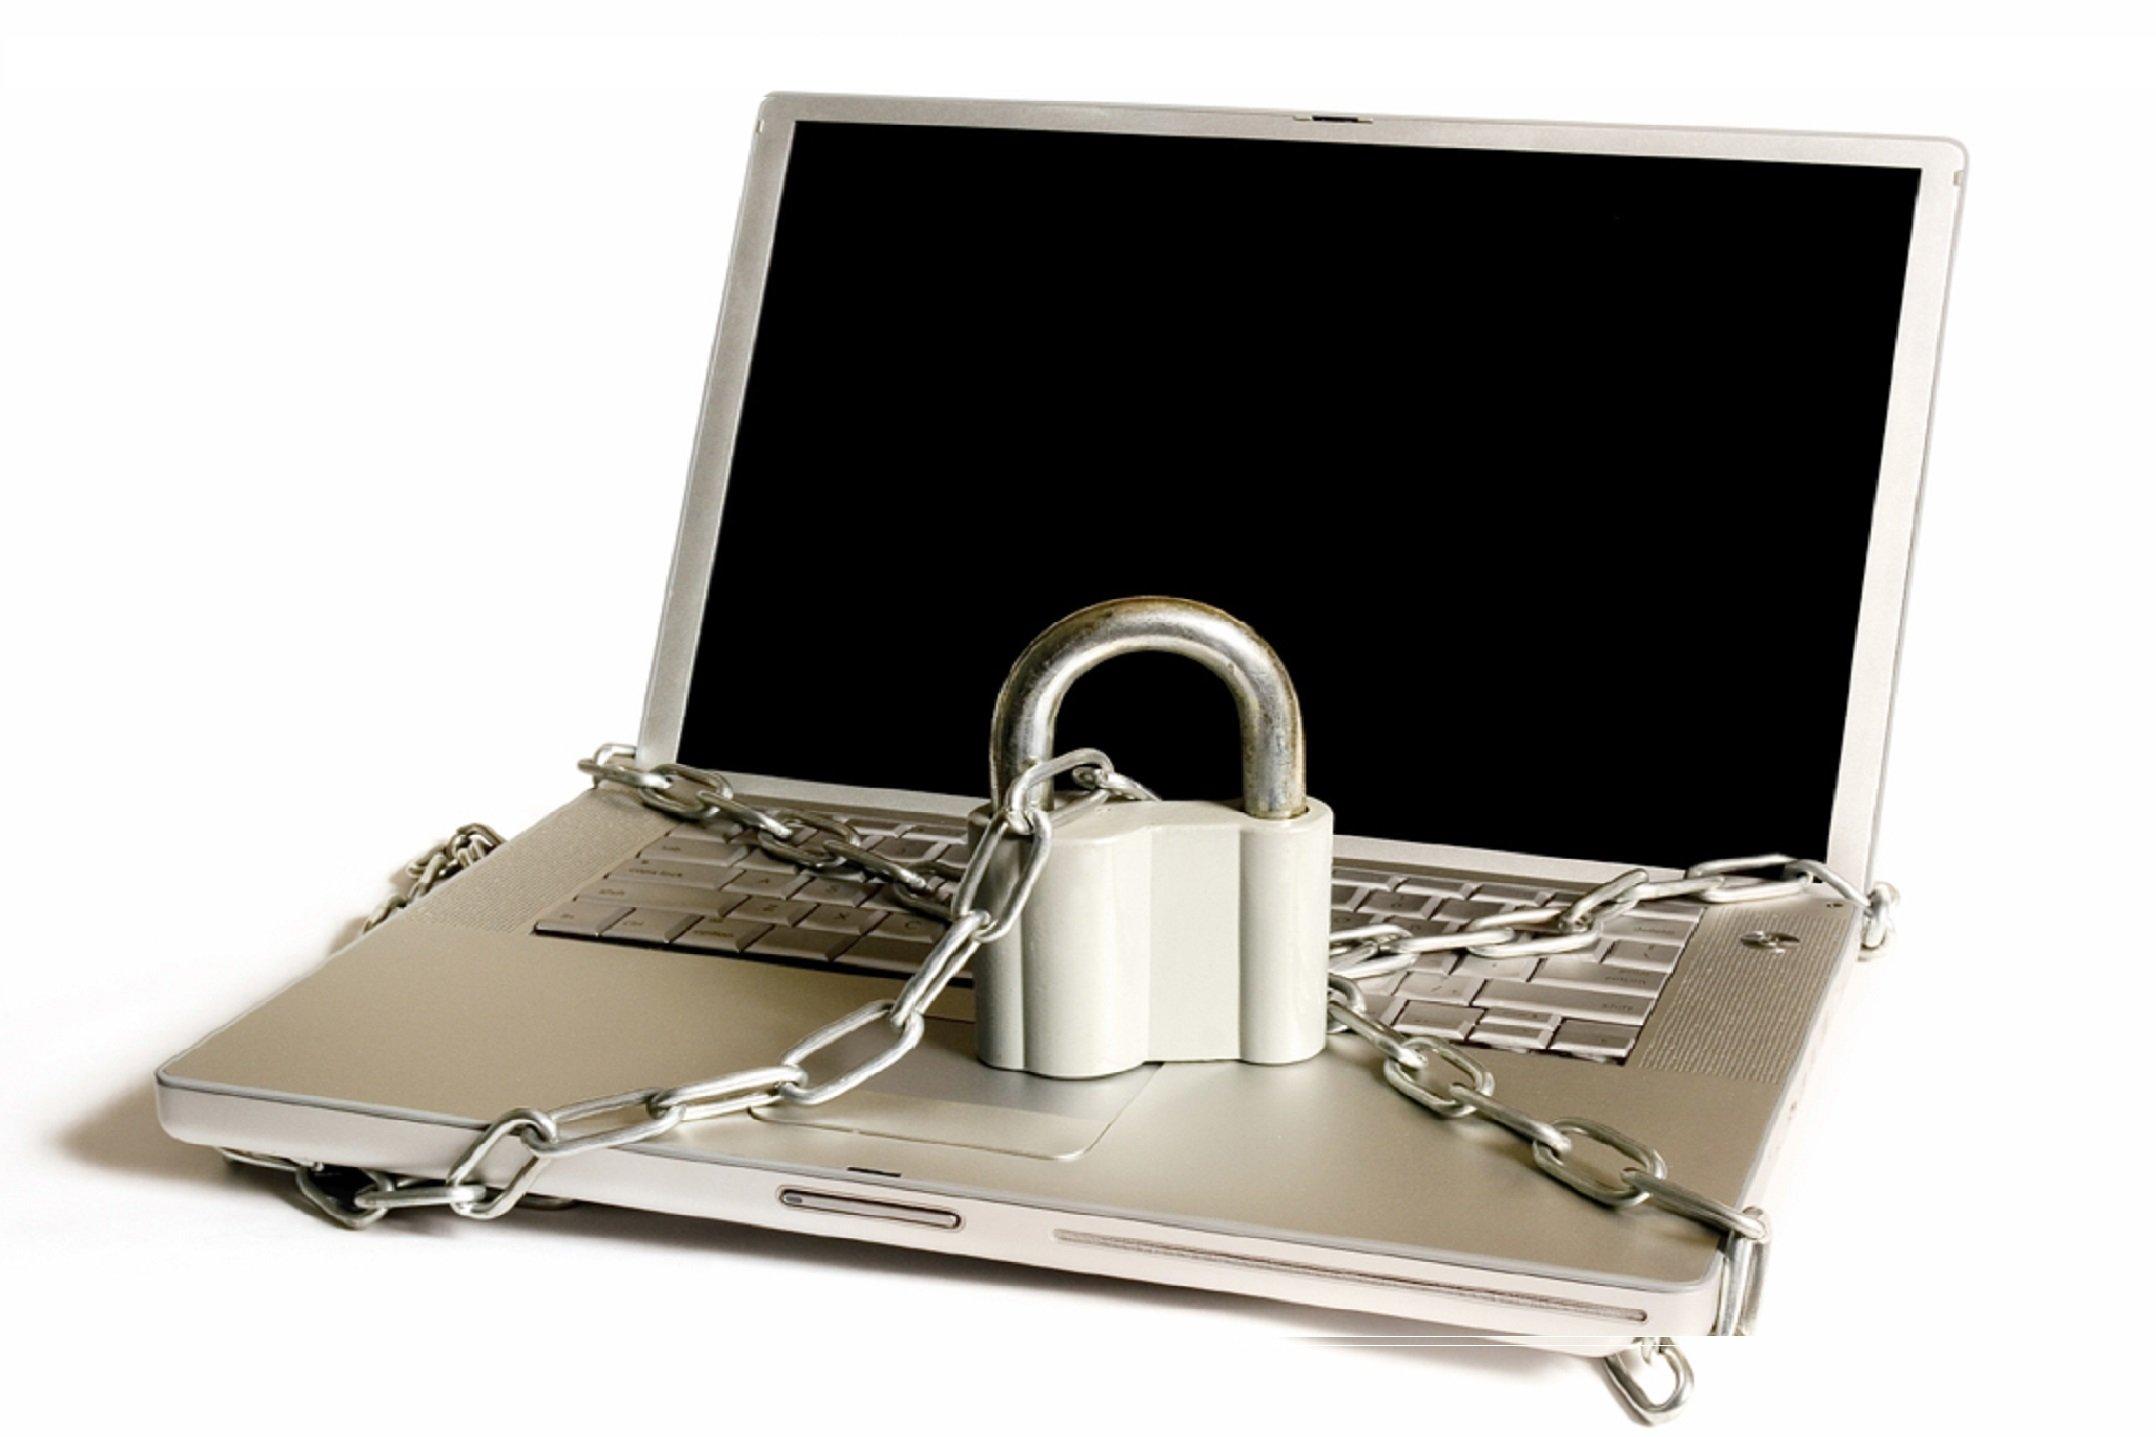 защита фото в интернете время металл